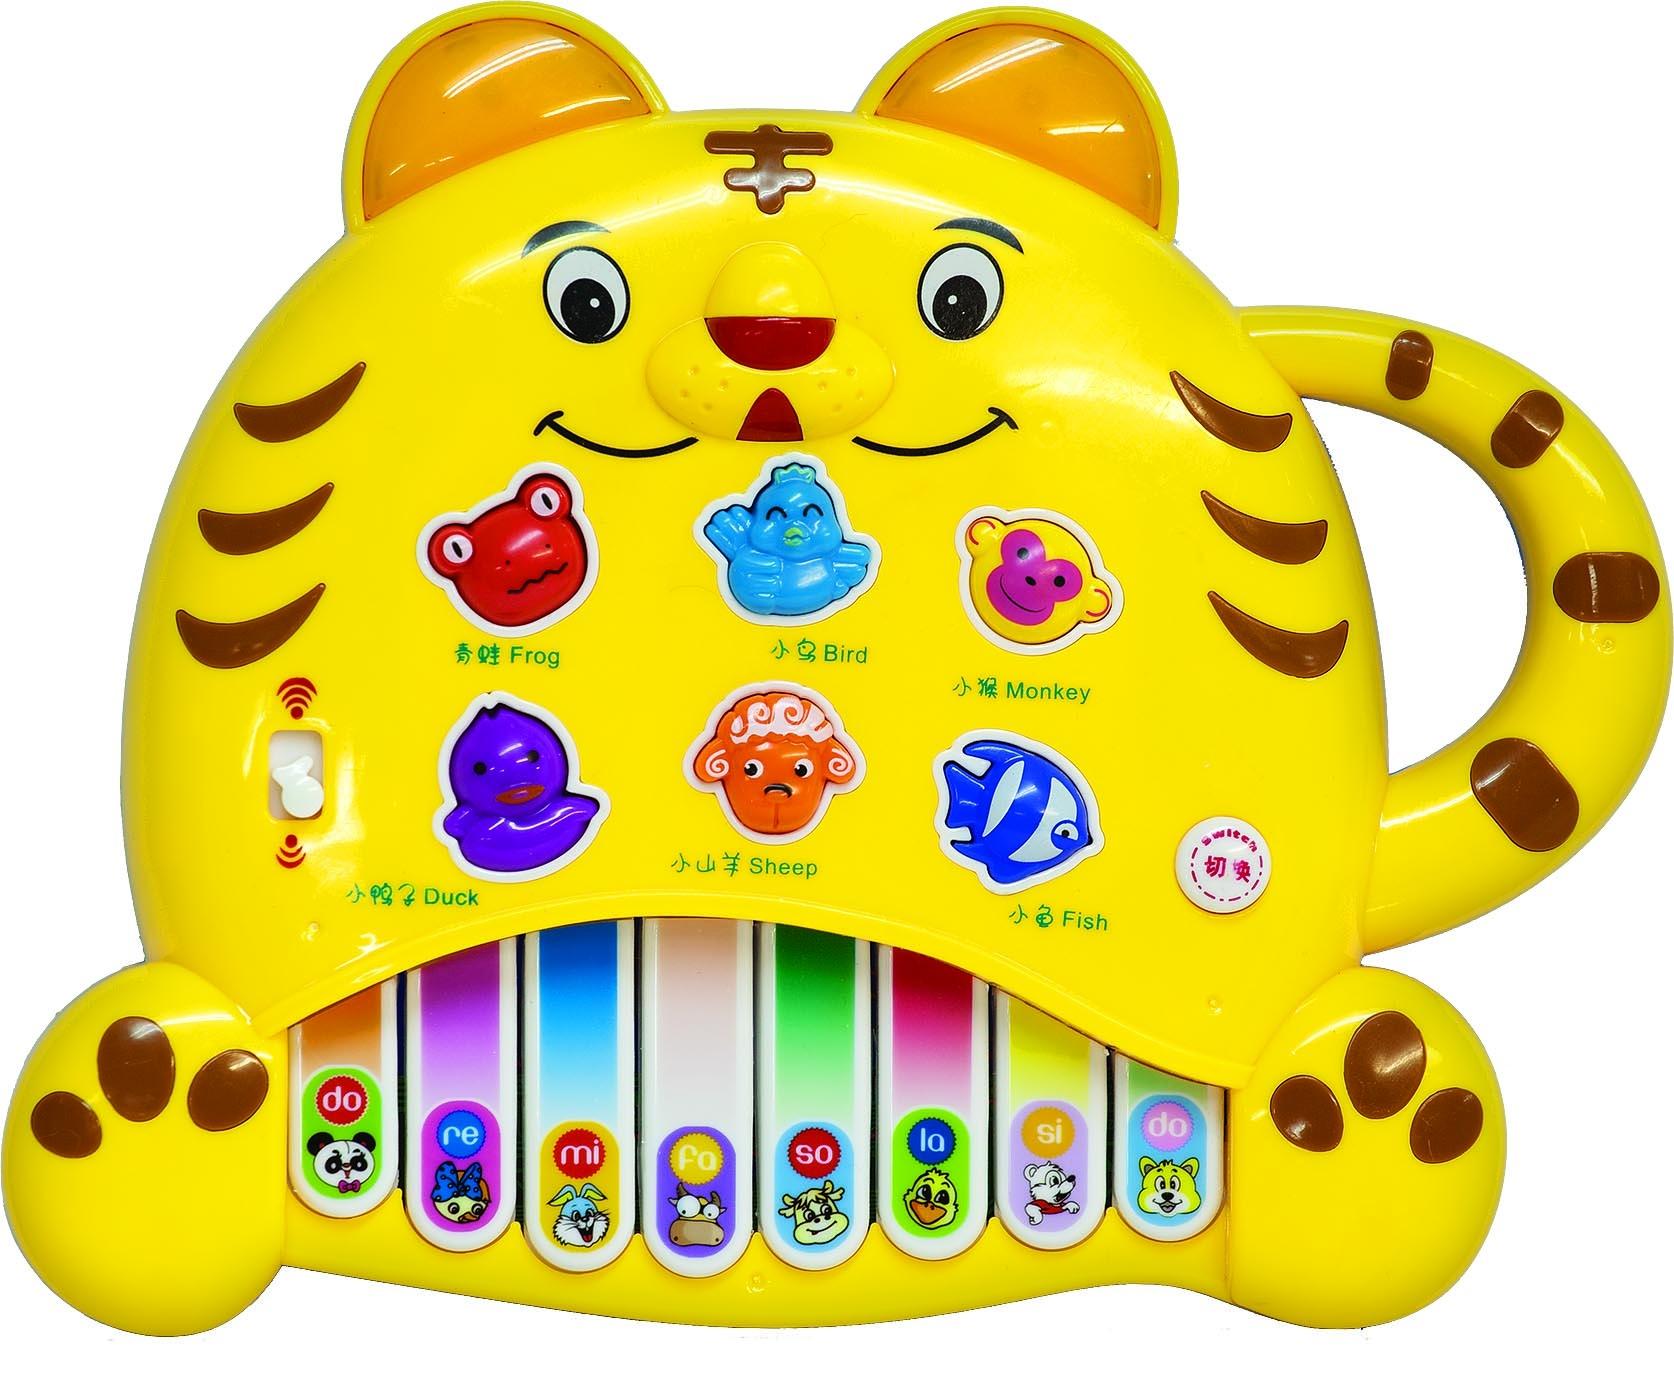 Купить Развивающие игрушки, Пианино Тигренок, Расти Малыш, КИТАЙ, в ассортименте